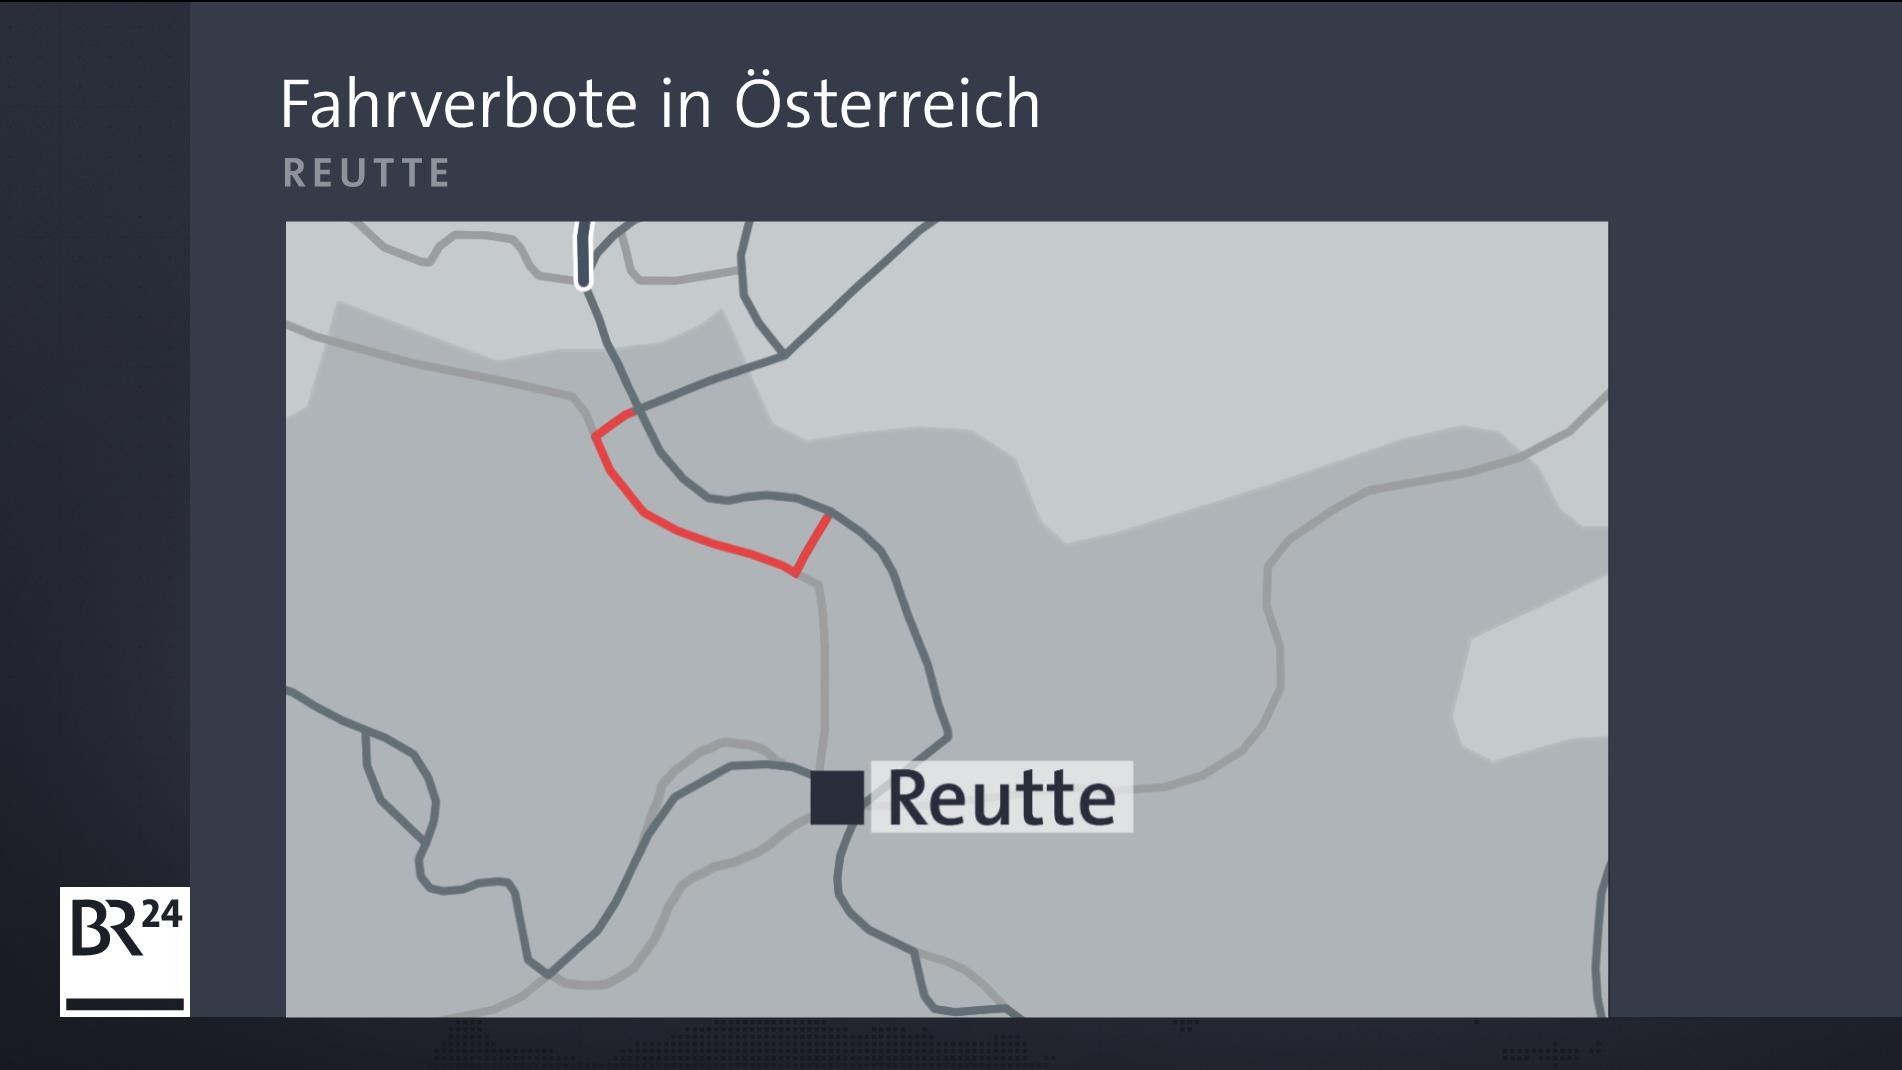 Neue Fahrverbote bei Reutte